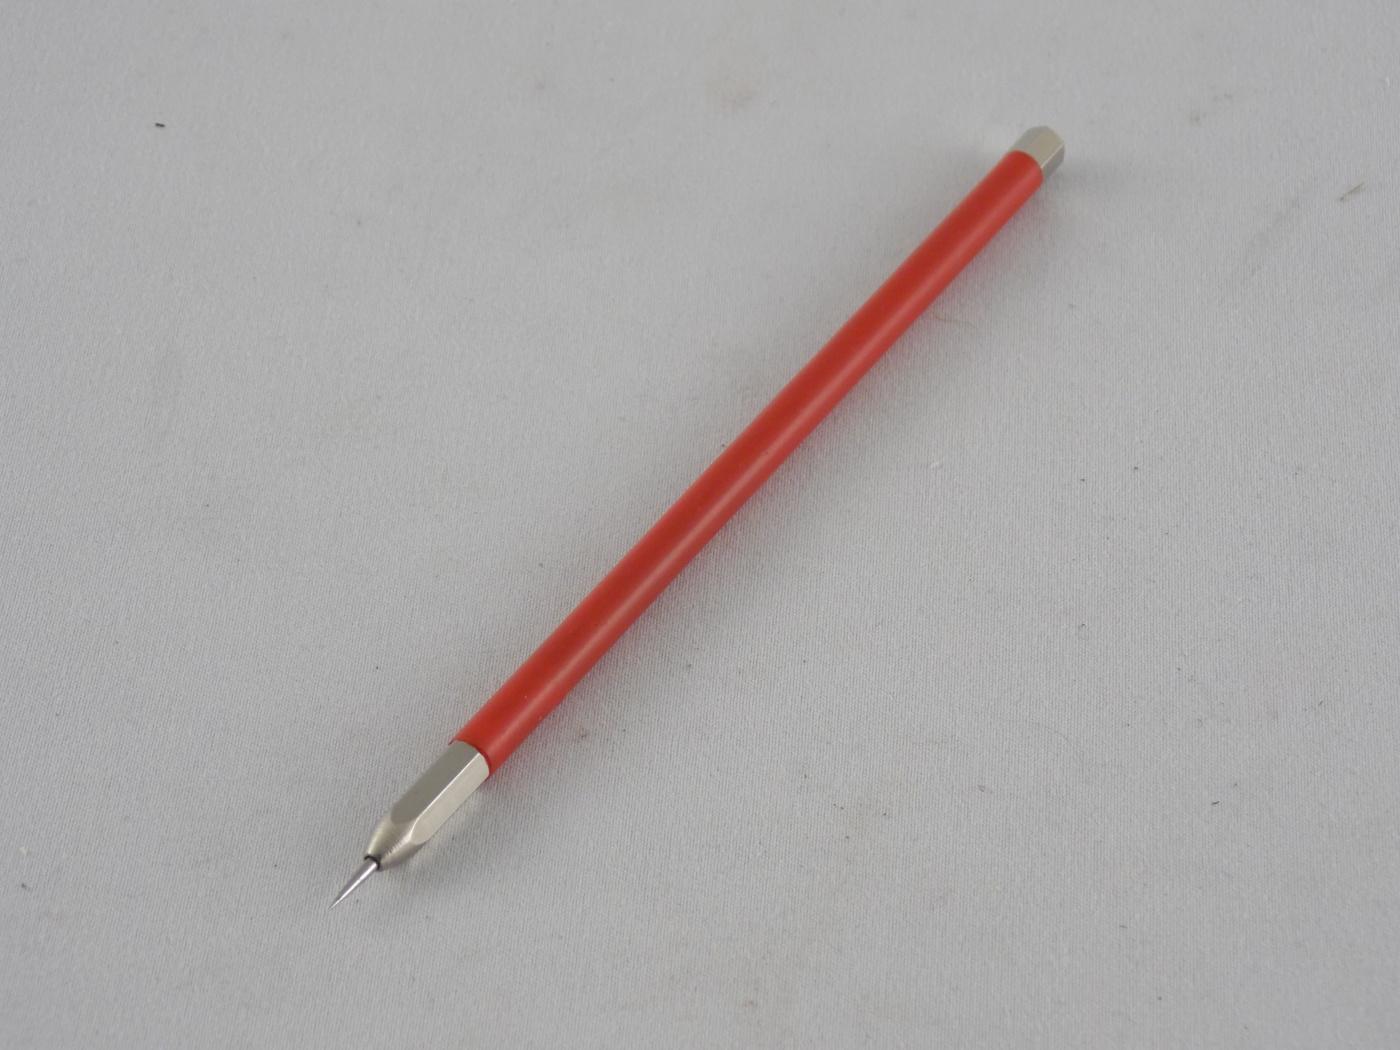 Ritspenna för utbytbara stift.